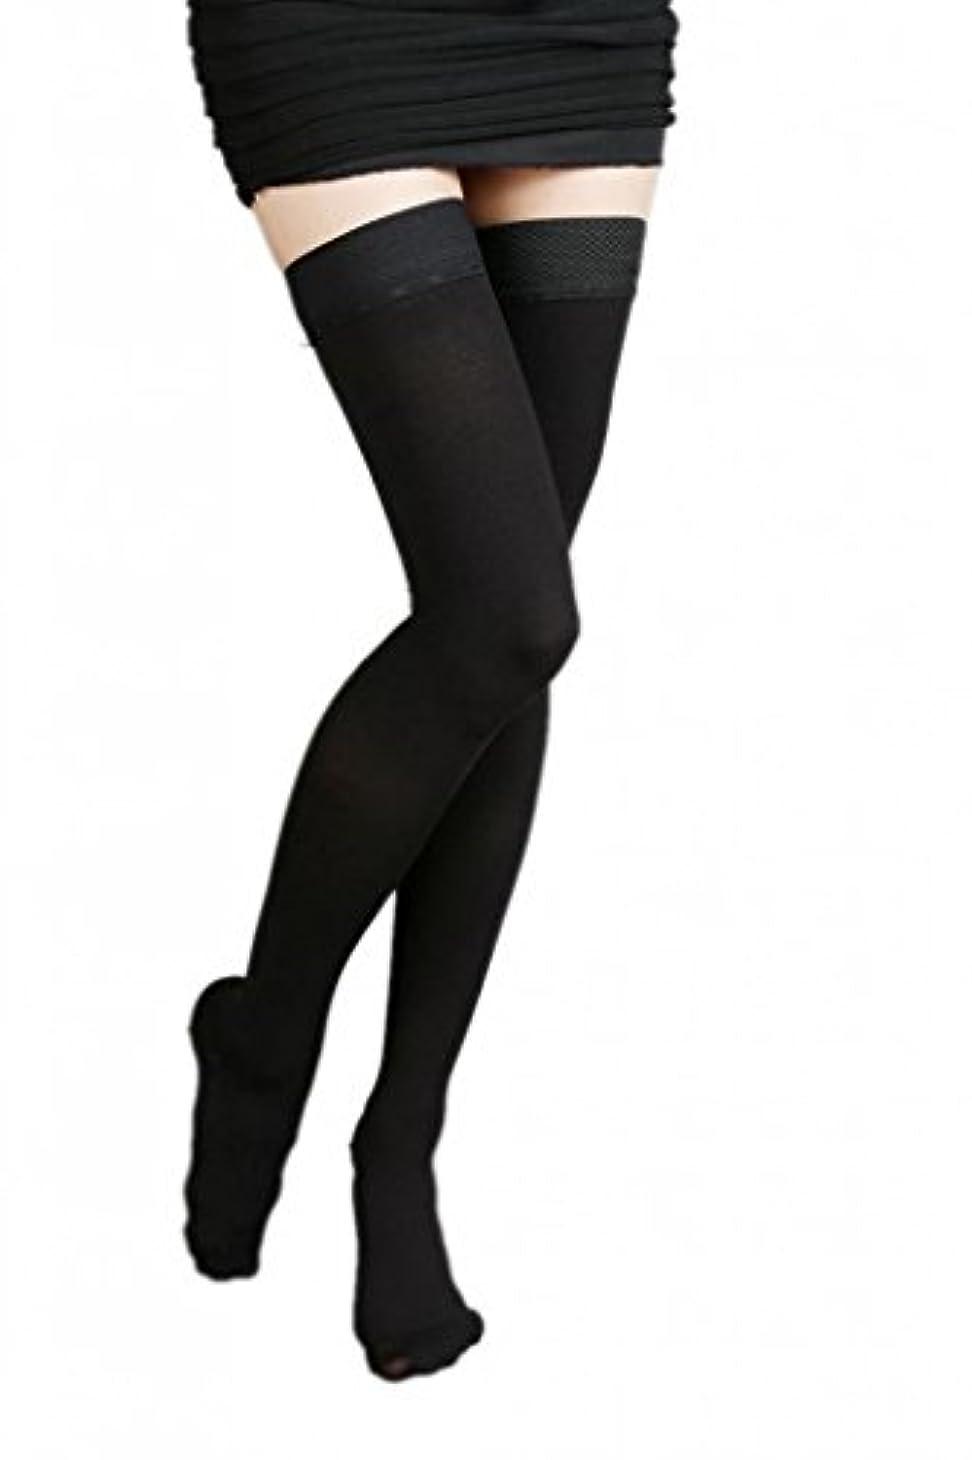 未亡人であること中世の(ラボーグ)La Vogue 美脚 着圧オーバーニーソックス ハイソックス 靴下 弾性ストッキング つま先あり着圧ソックス XL 1級低圧 黒色